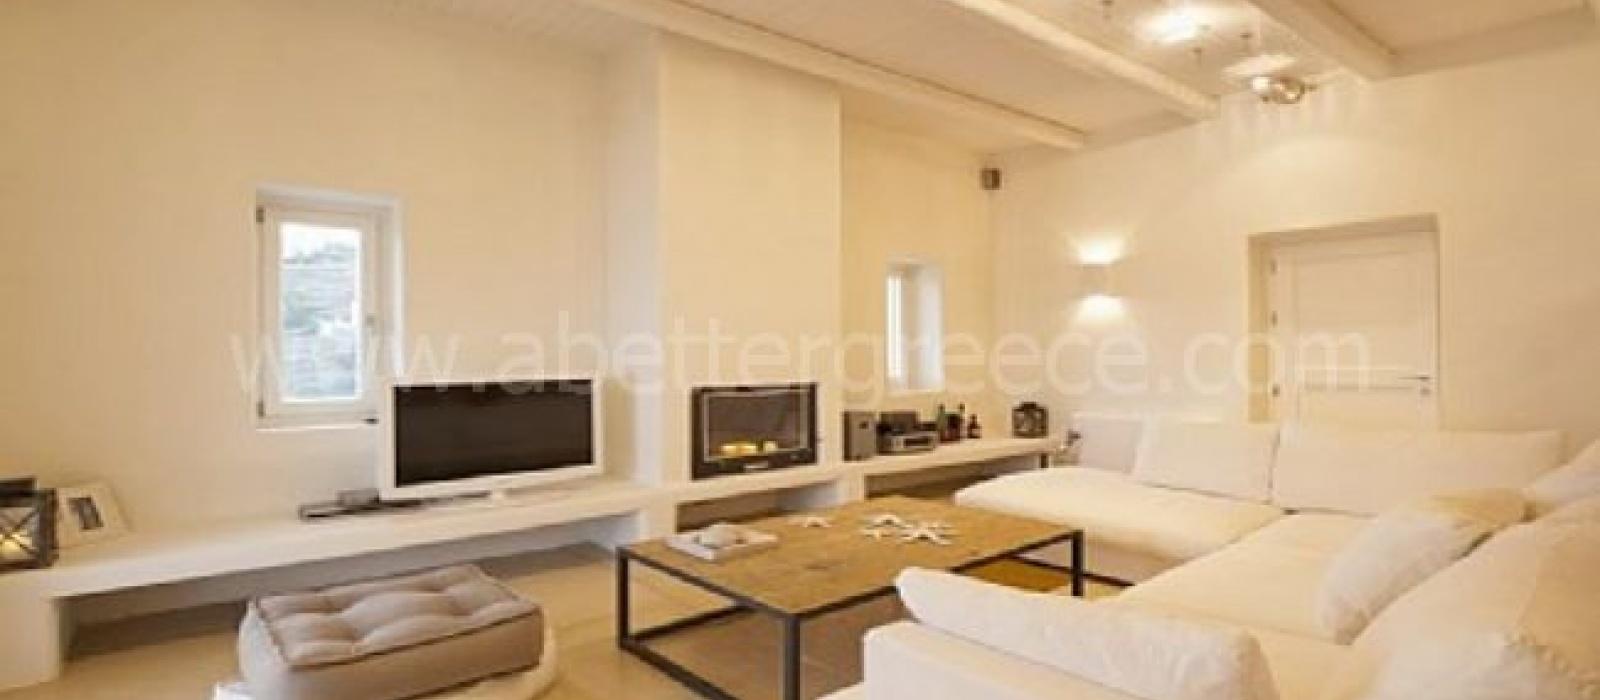 4 Bedrooms, Villa, Vacation Rental, 4 Bathrooms, Listing ID 1156, Ios, Greece,